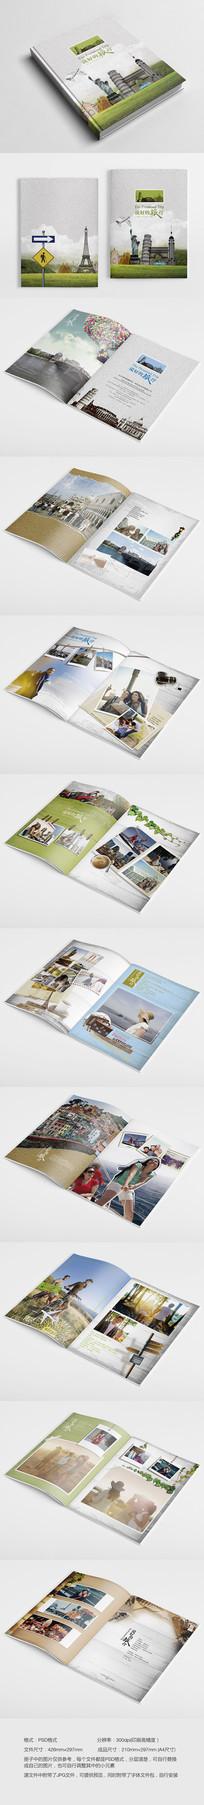 旅行旅游照片画册设计模板